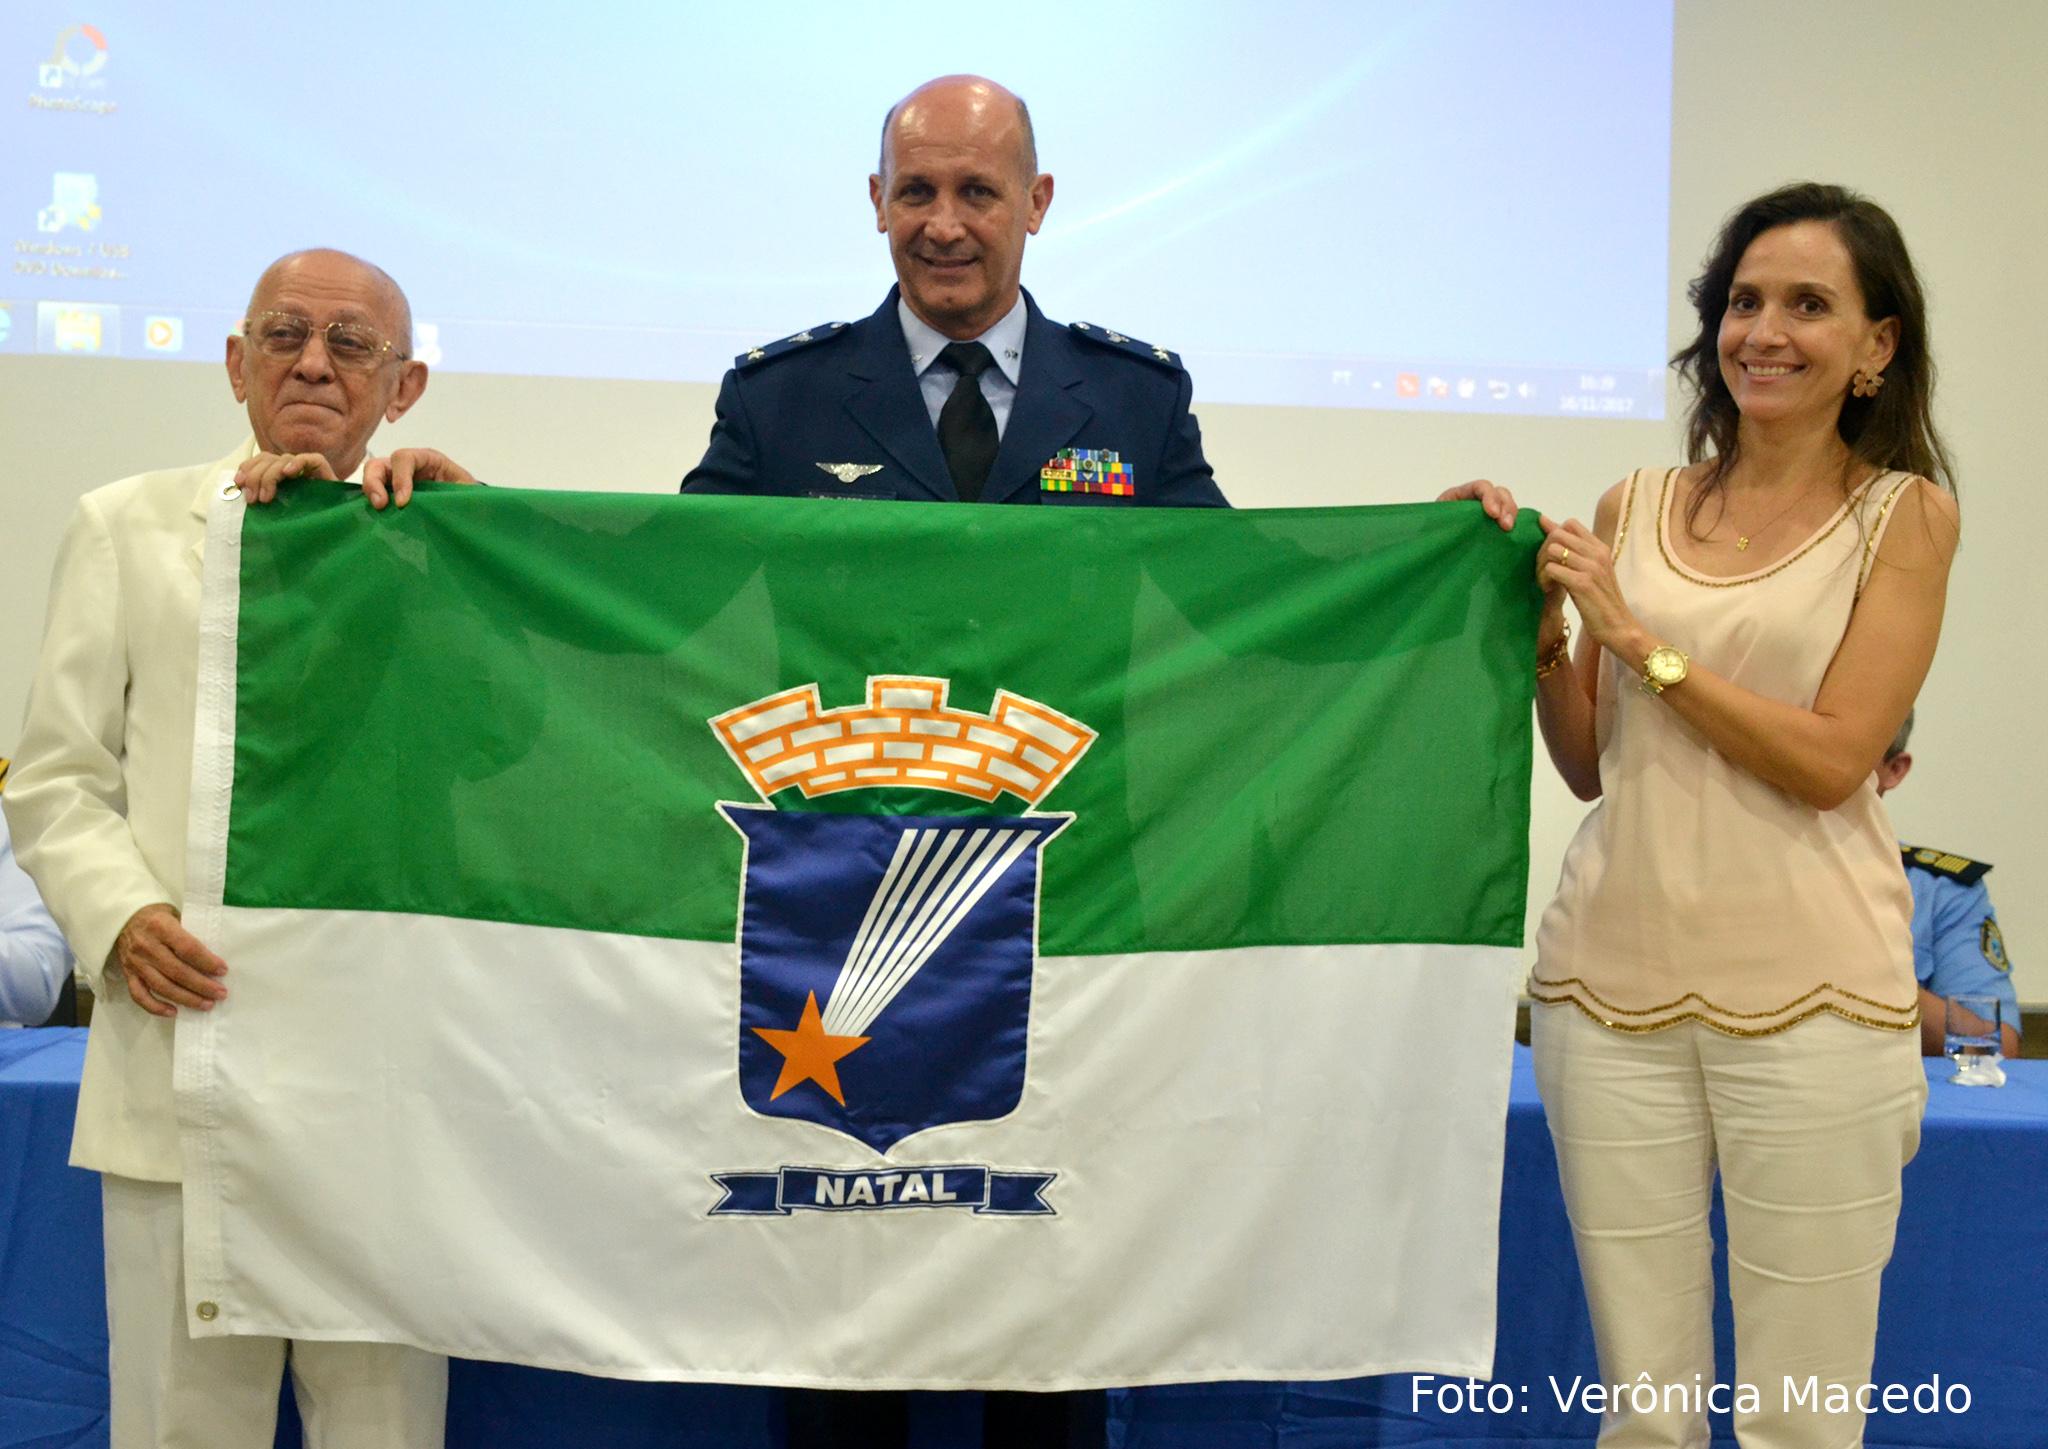 Brigadeiro do Ar Pedro Luís Farcic recebe a cidadania natalense na Câmara de Natal